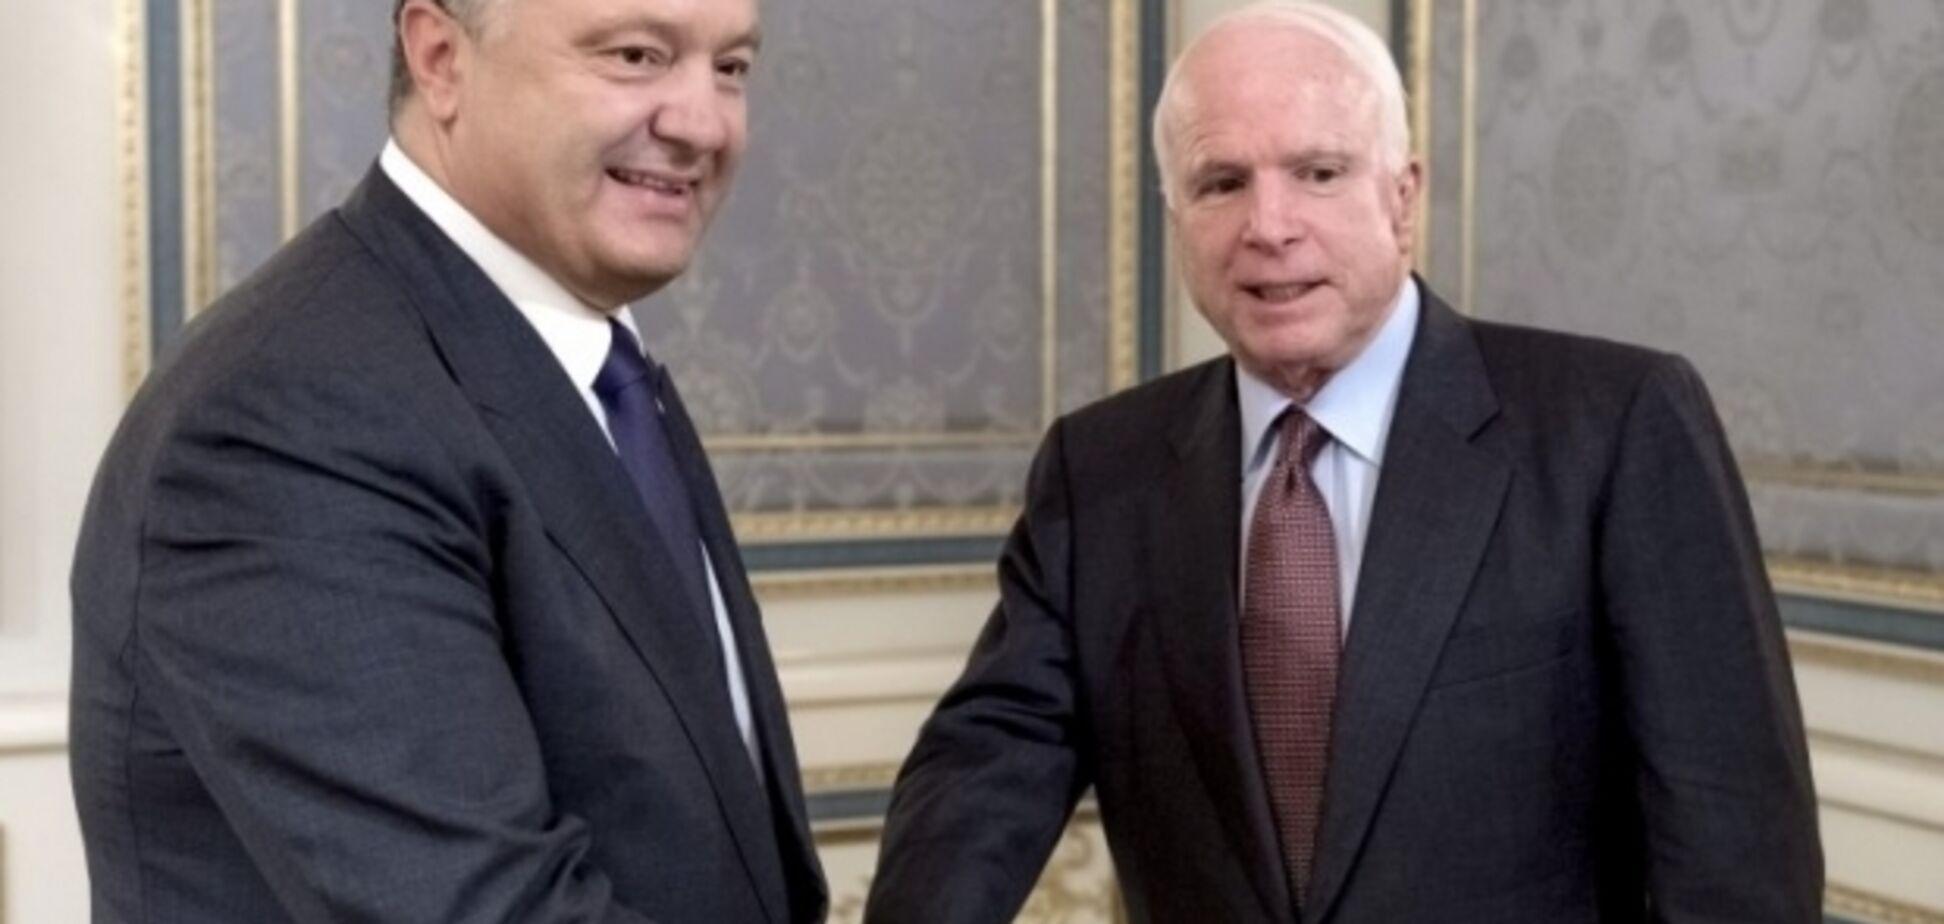 США і НАТО - друзі України: Маккейн передав потужне посмертне послання Путіну